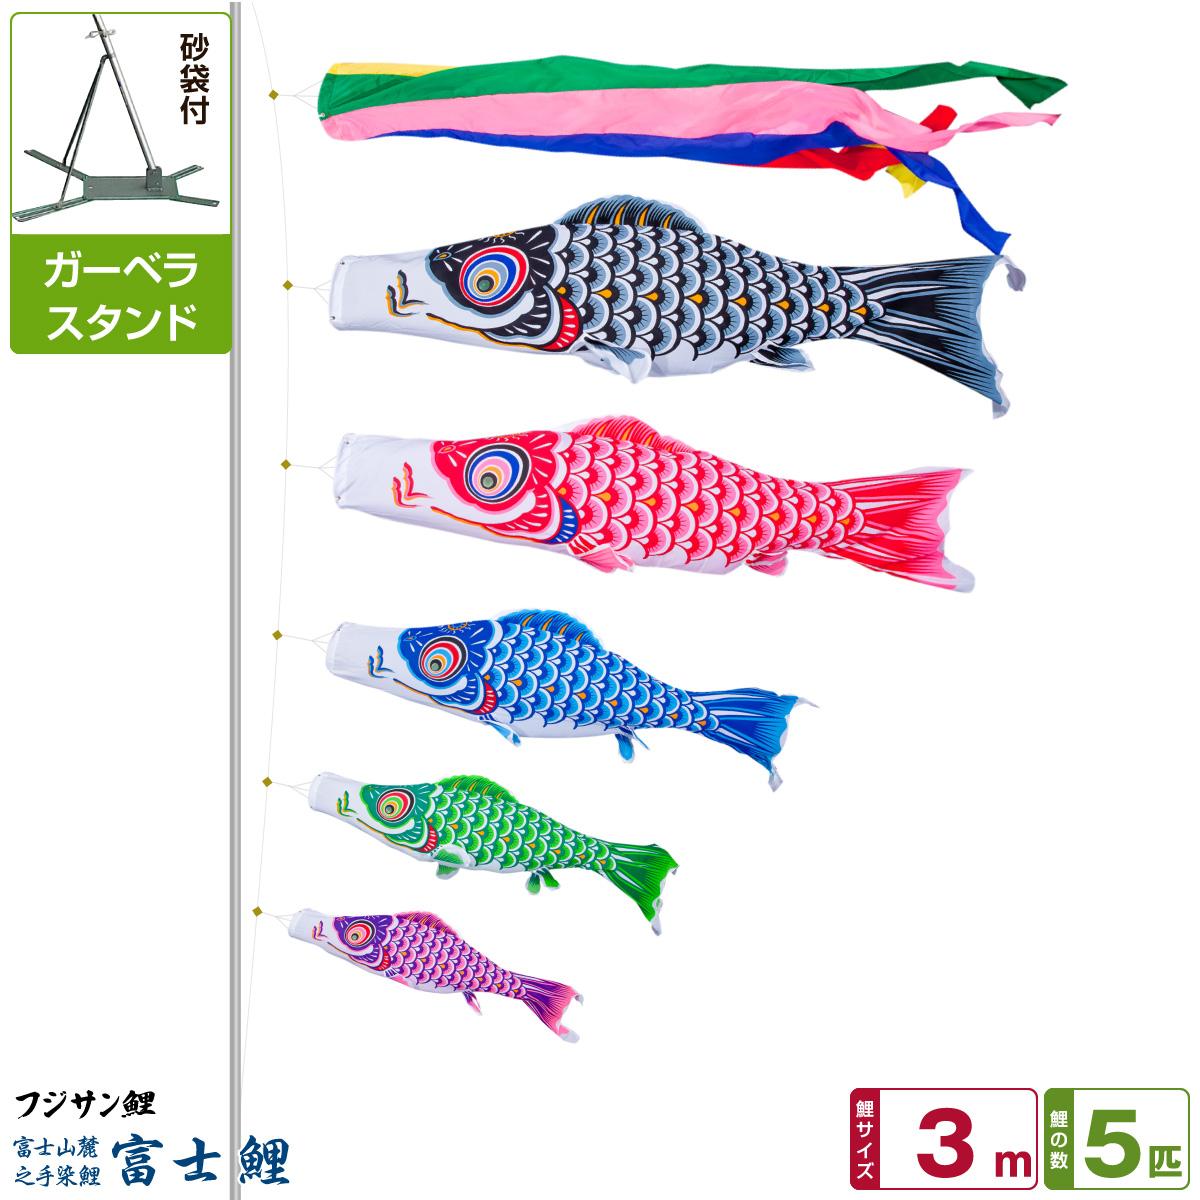 ベランダ用 こいのぼり 鯉のぼり フジサン鯉 富士鯉 3m 8点(吹流し+鯉5匹+矢車+ロープ)/ガーベラセット(庭・ベランダ兼用スタンド)